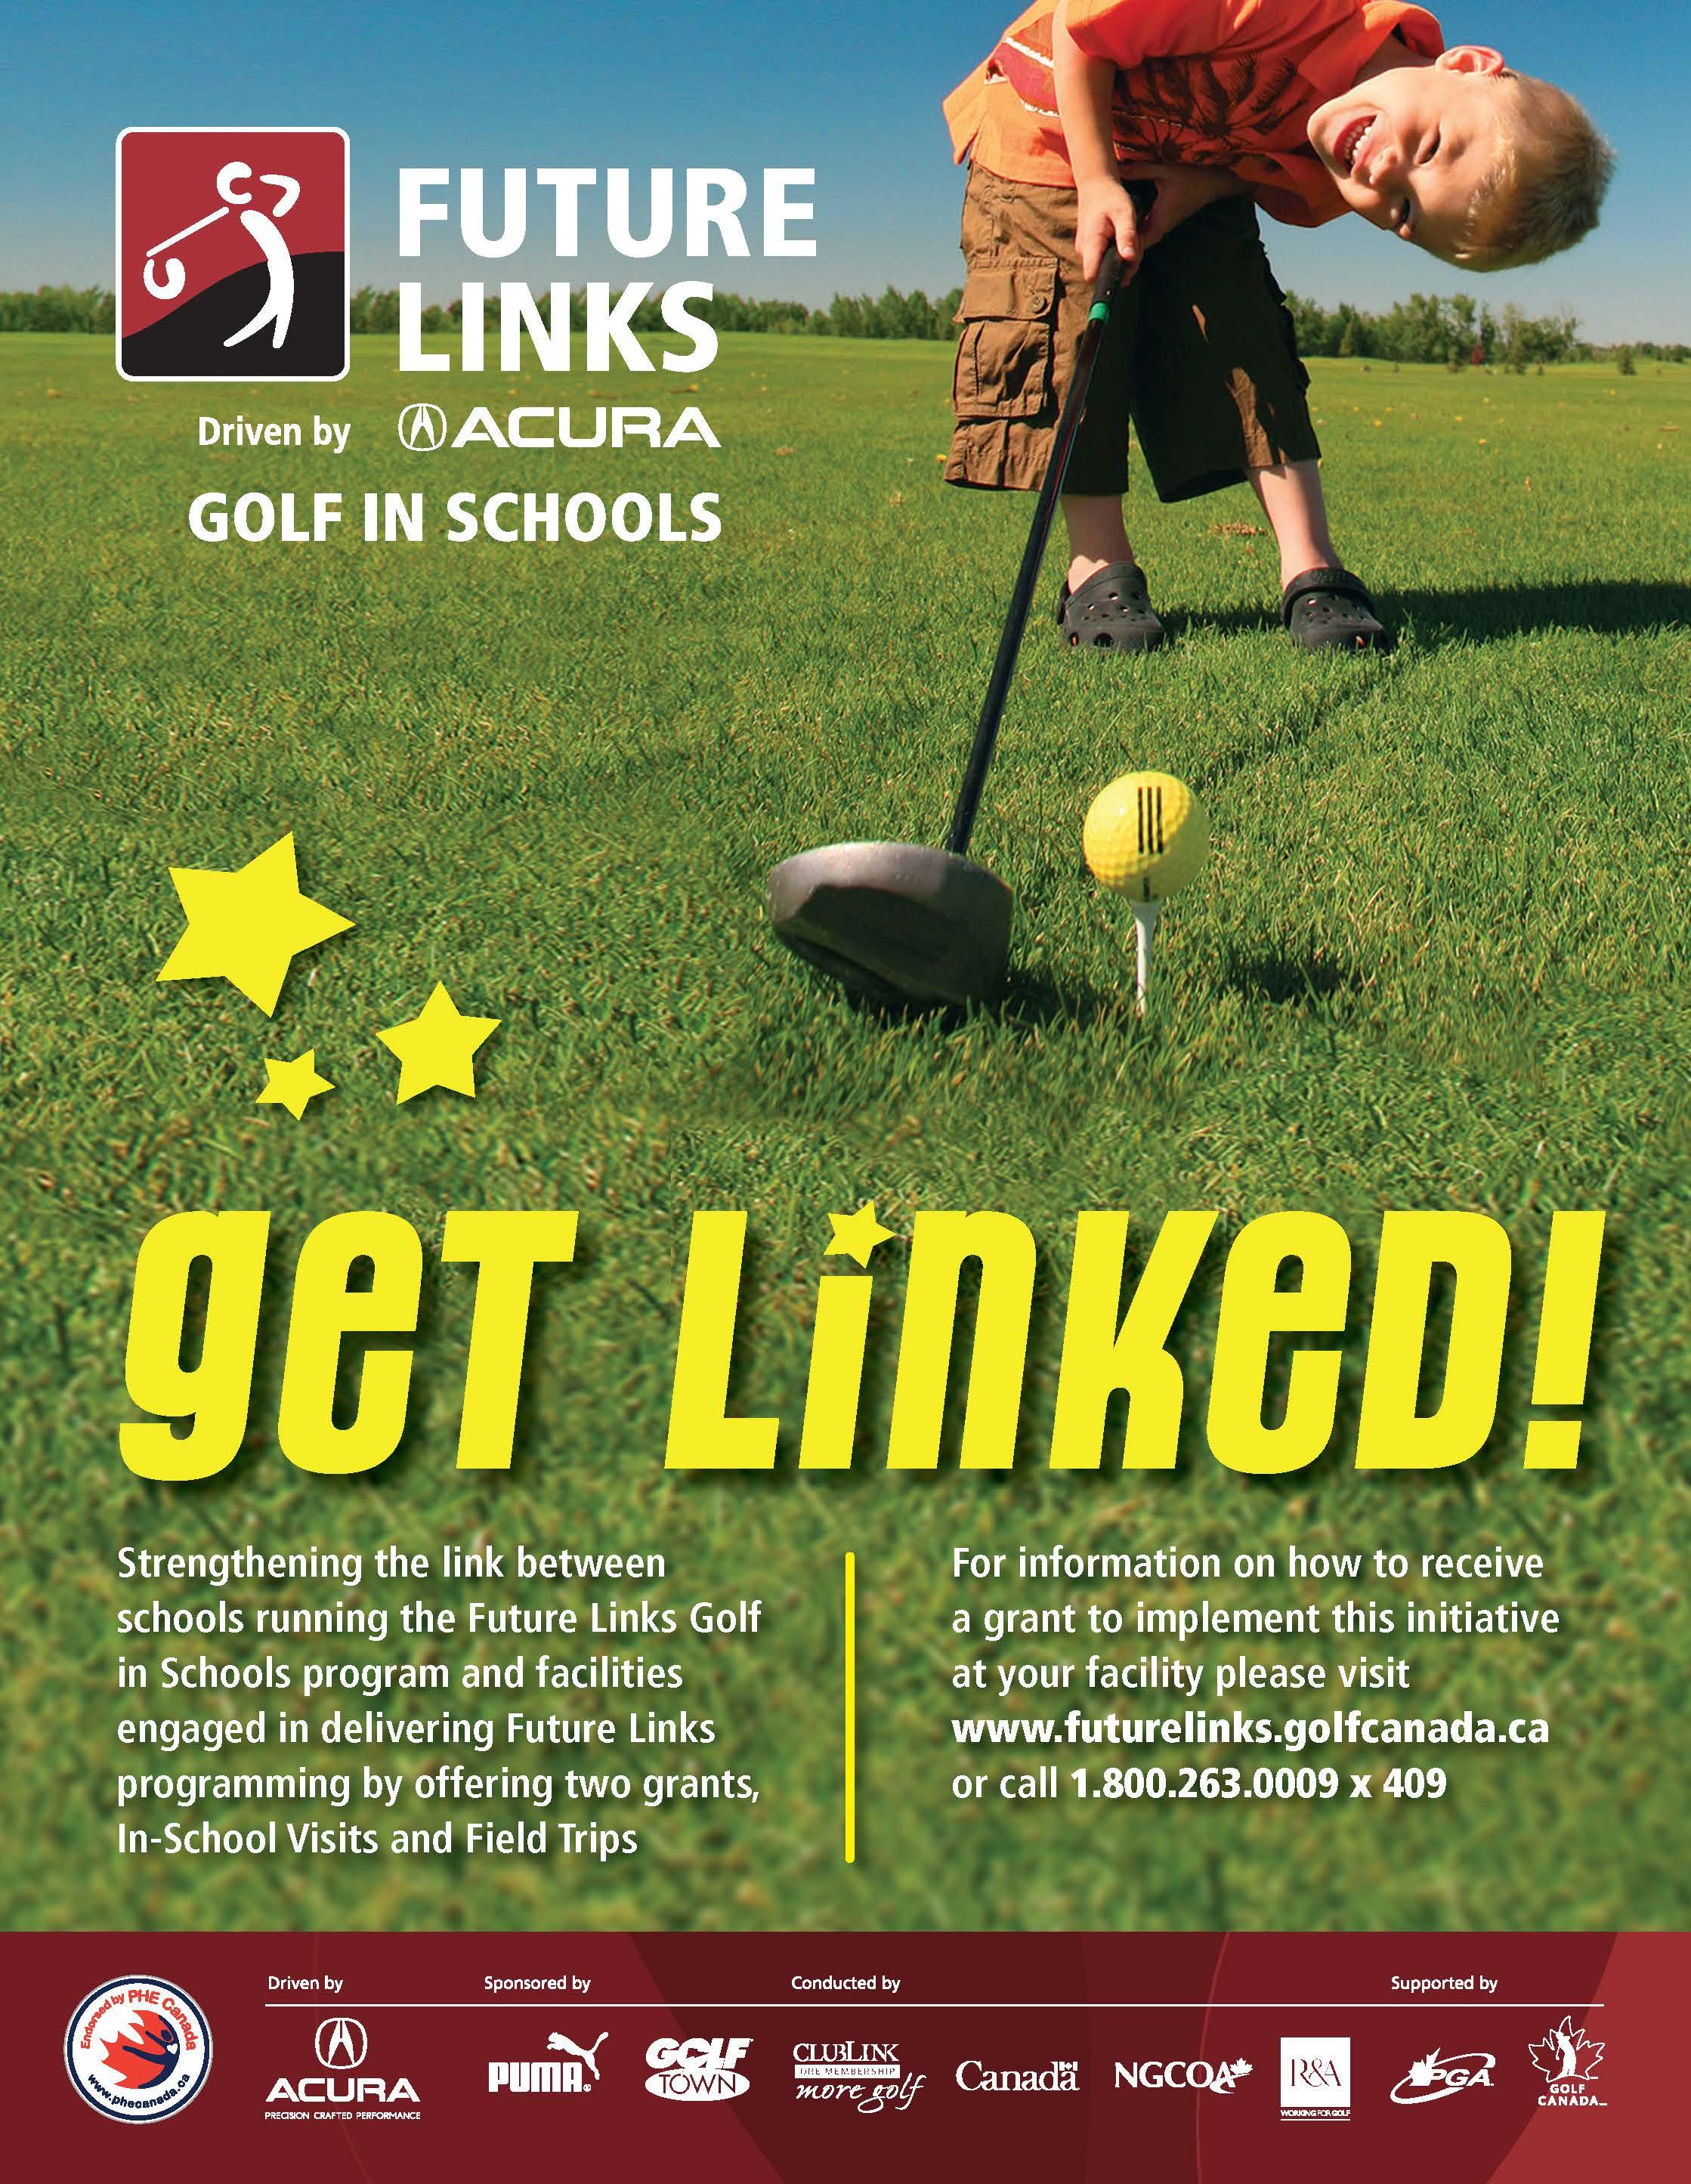 Golf Québec - Acura golf clubs